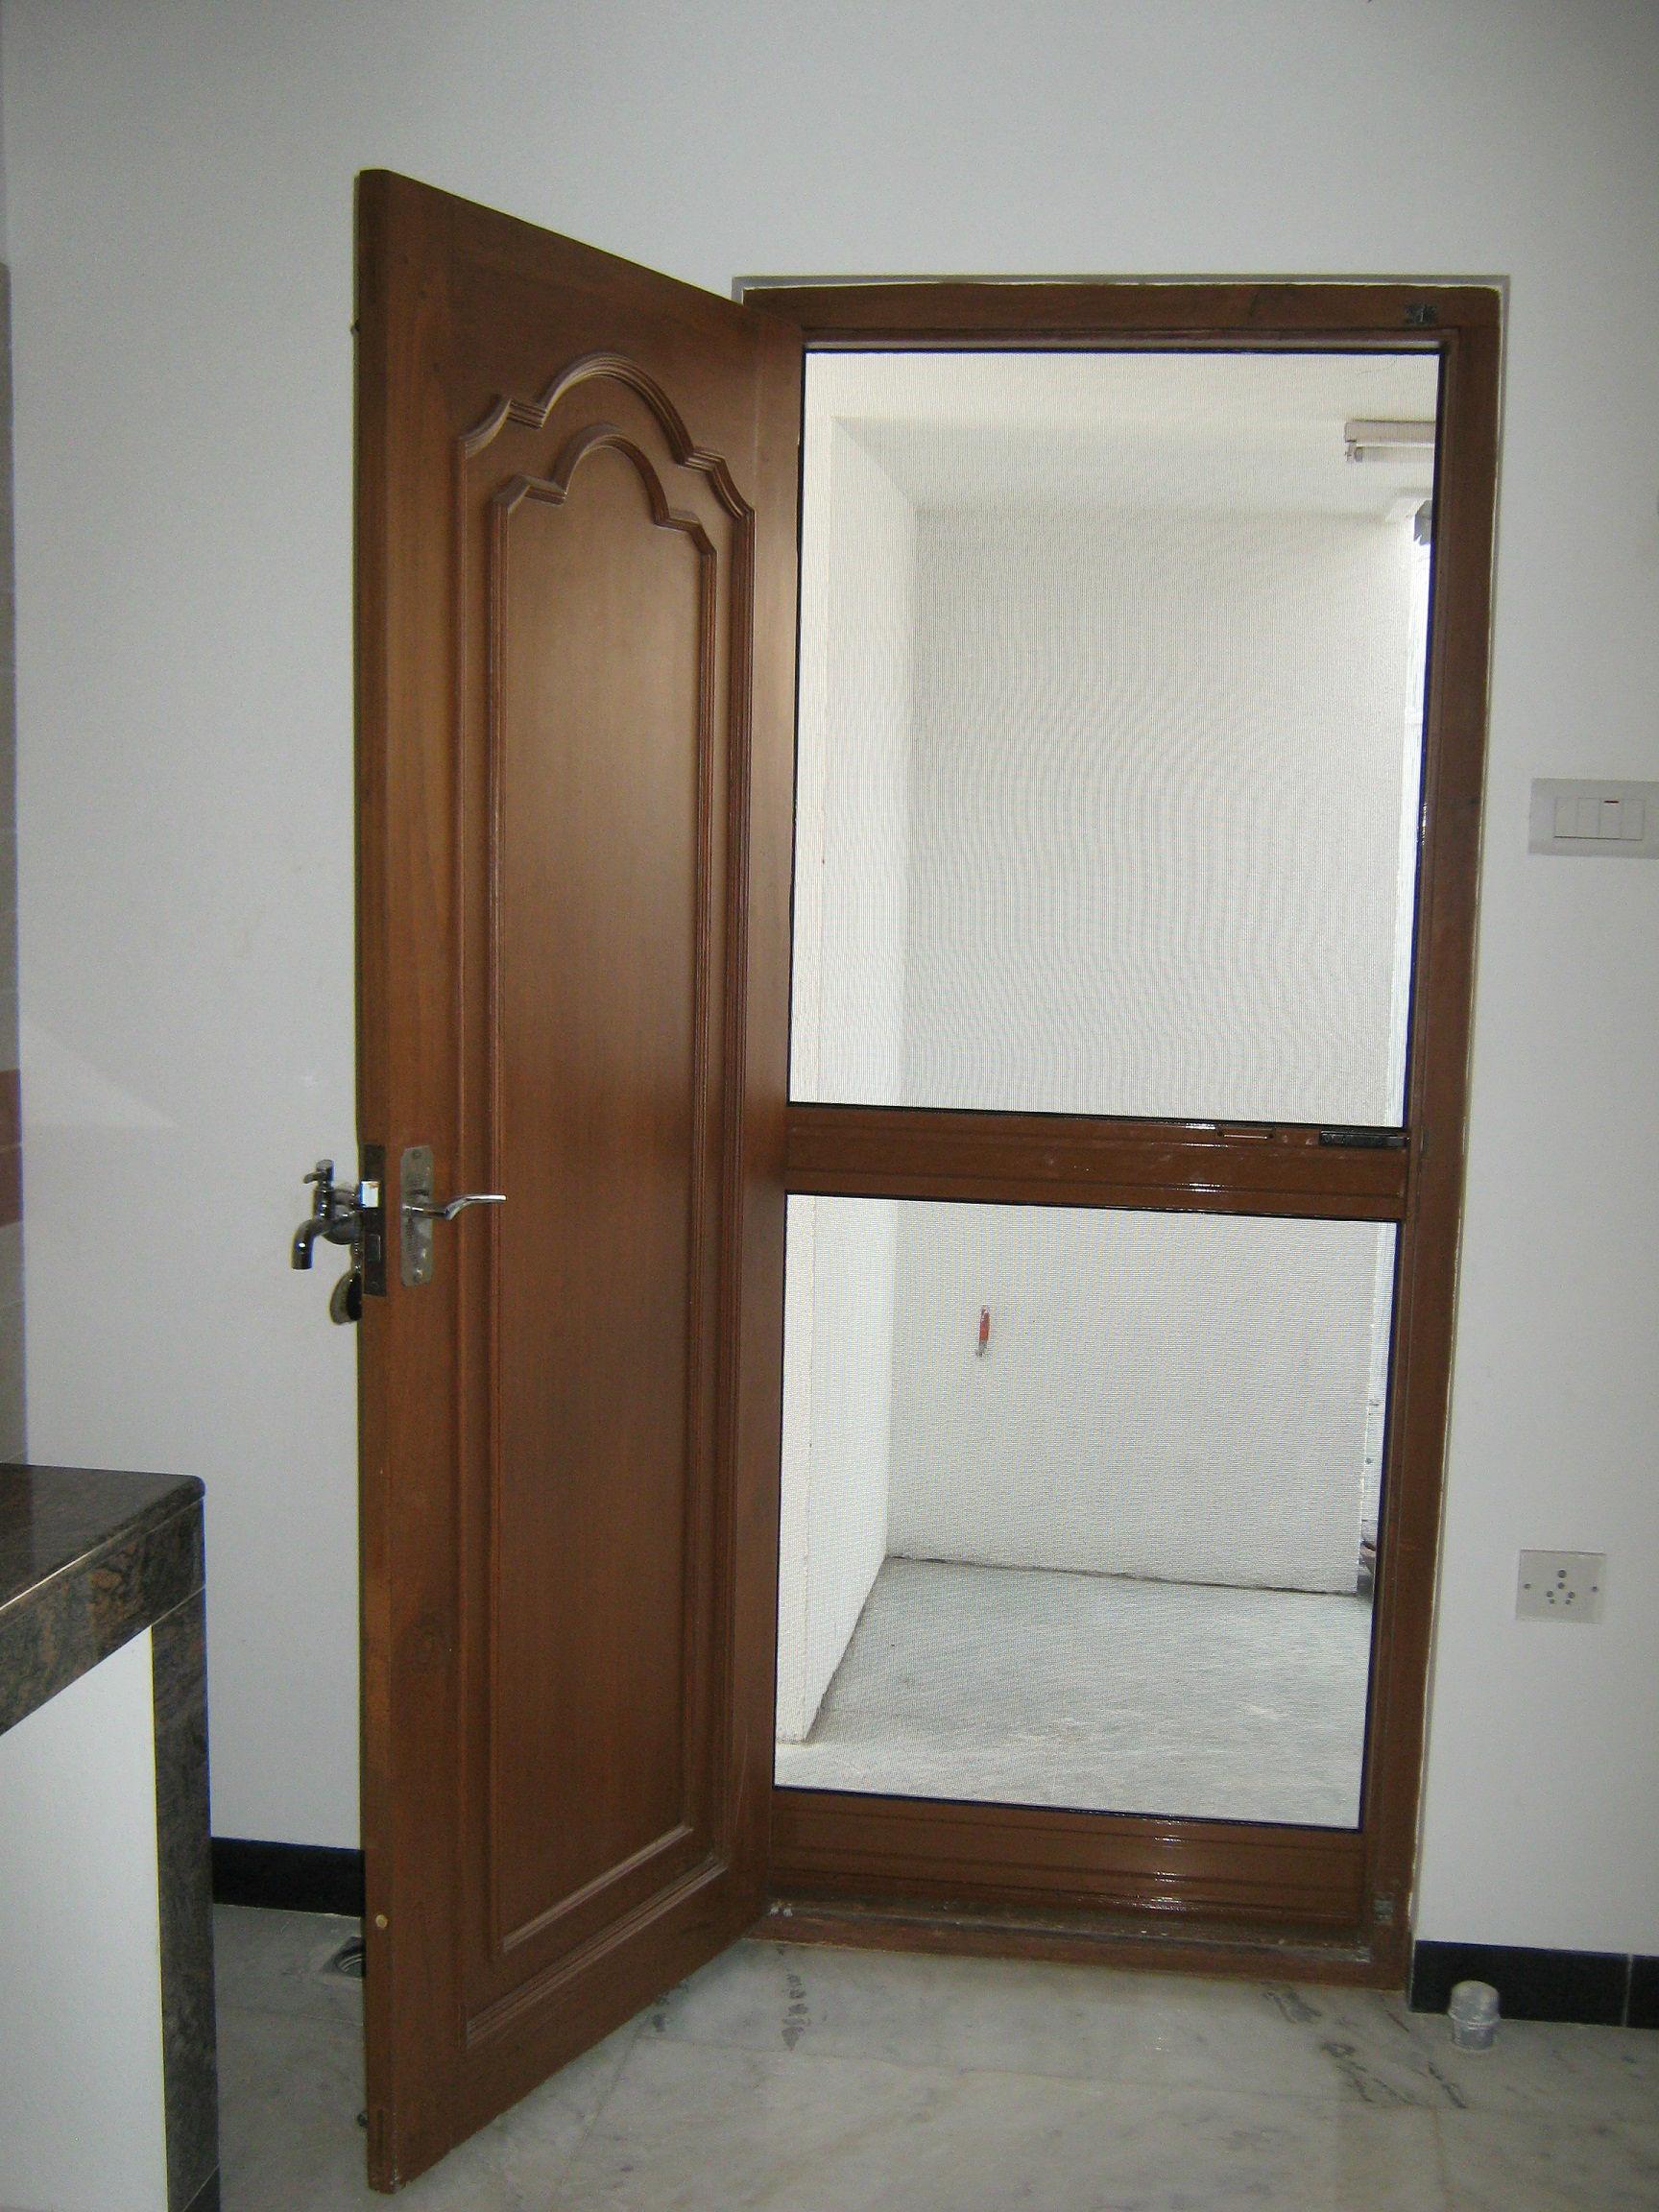 Single Door Screens Pull Push Model Single Door Screens